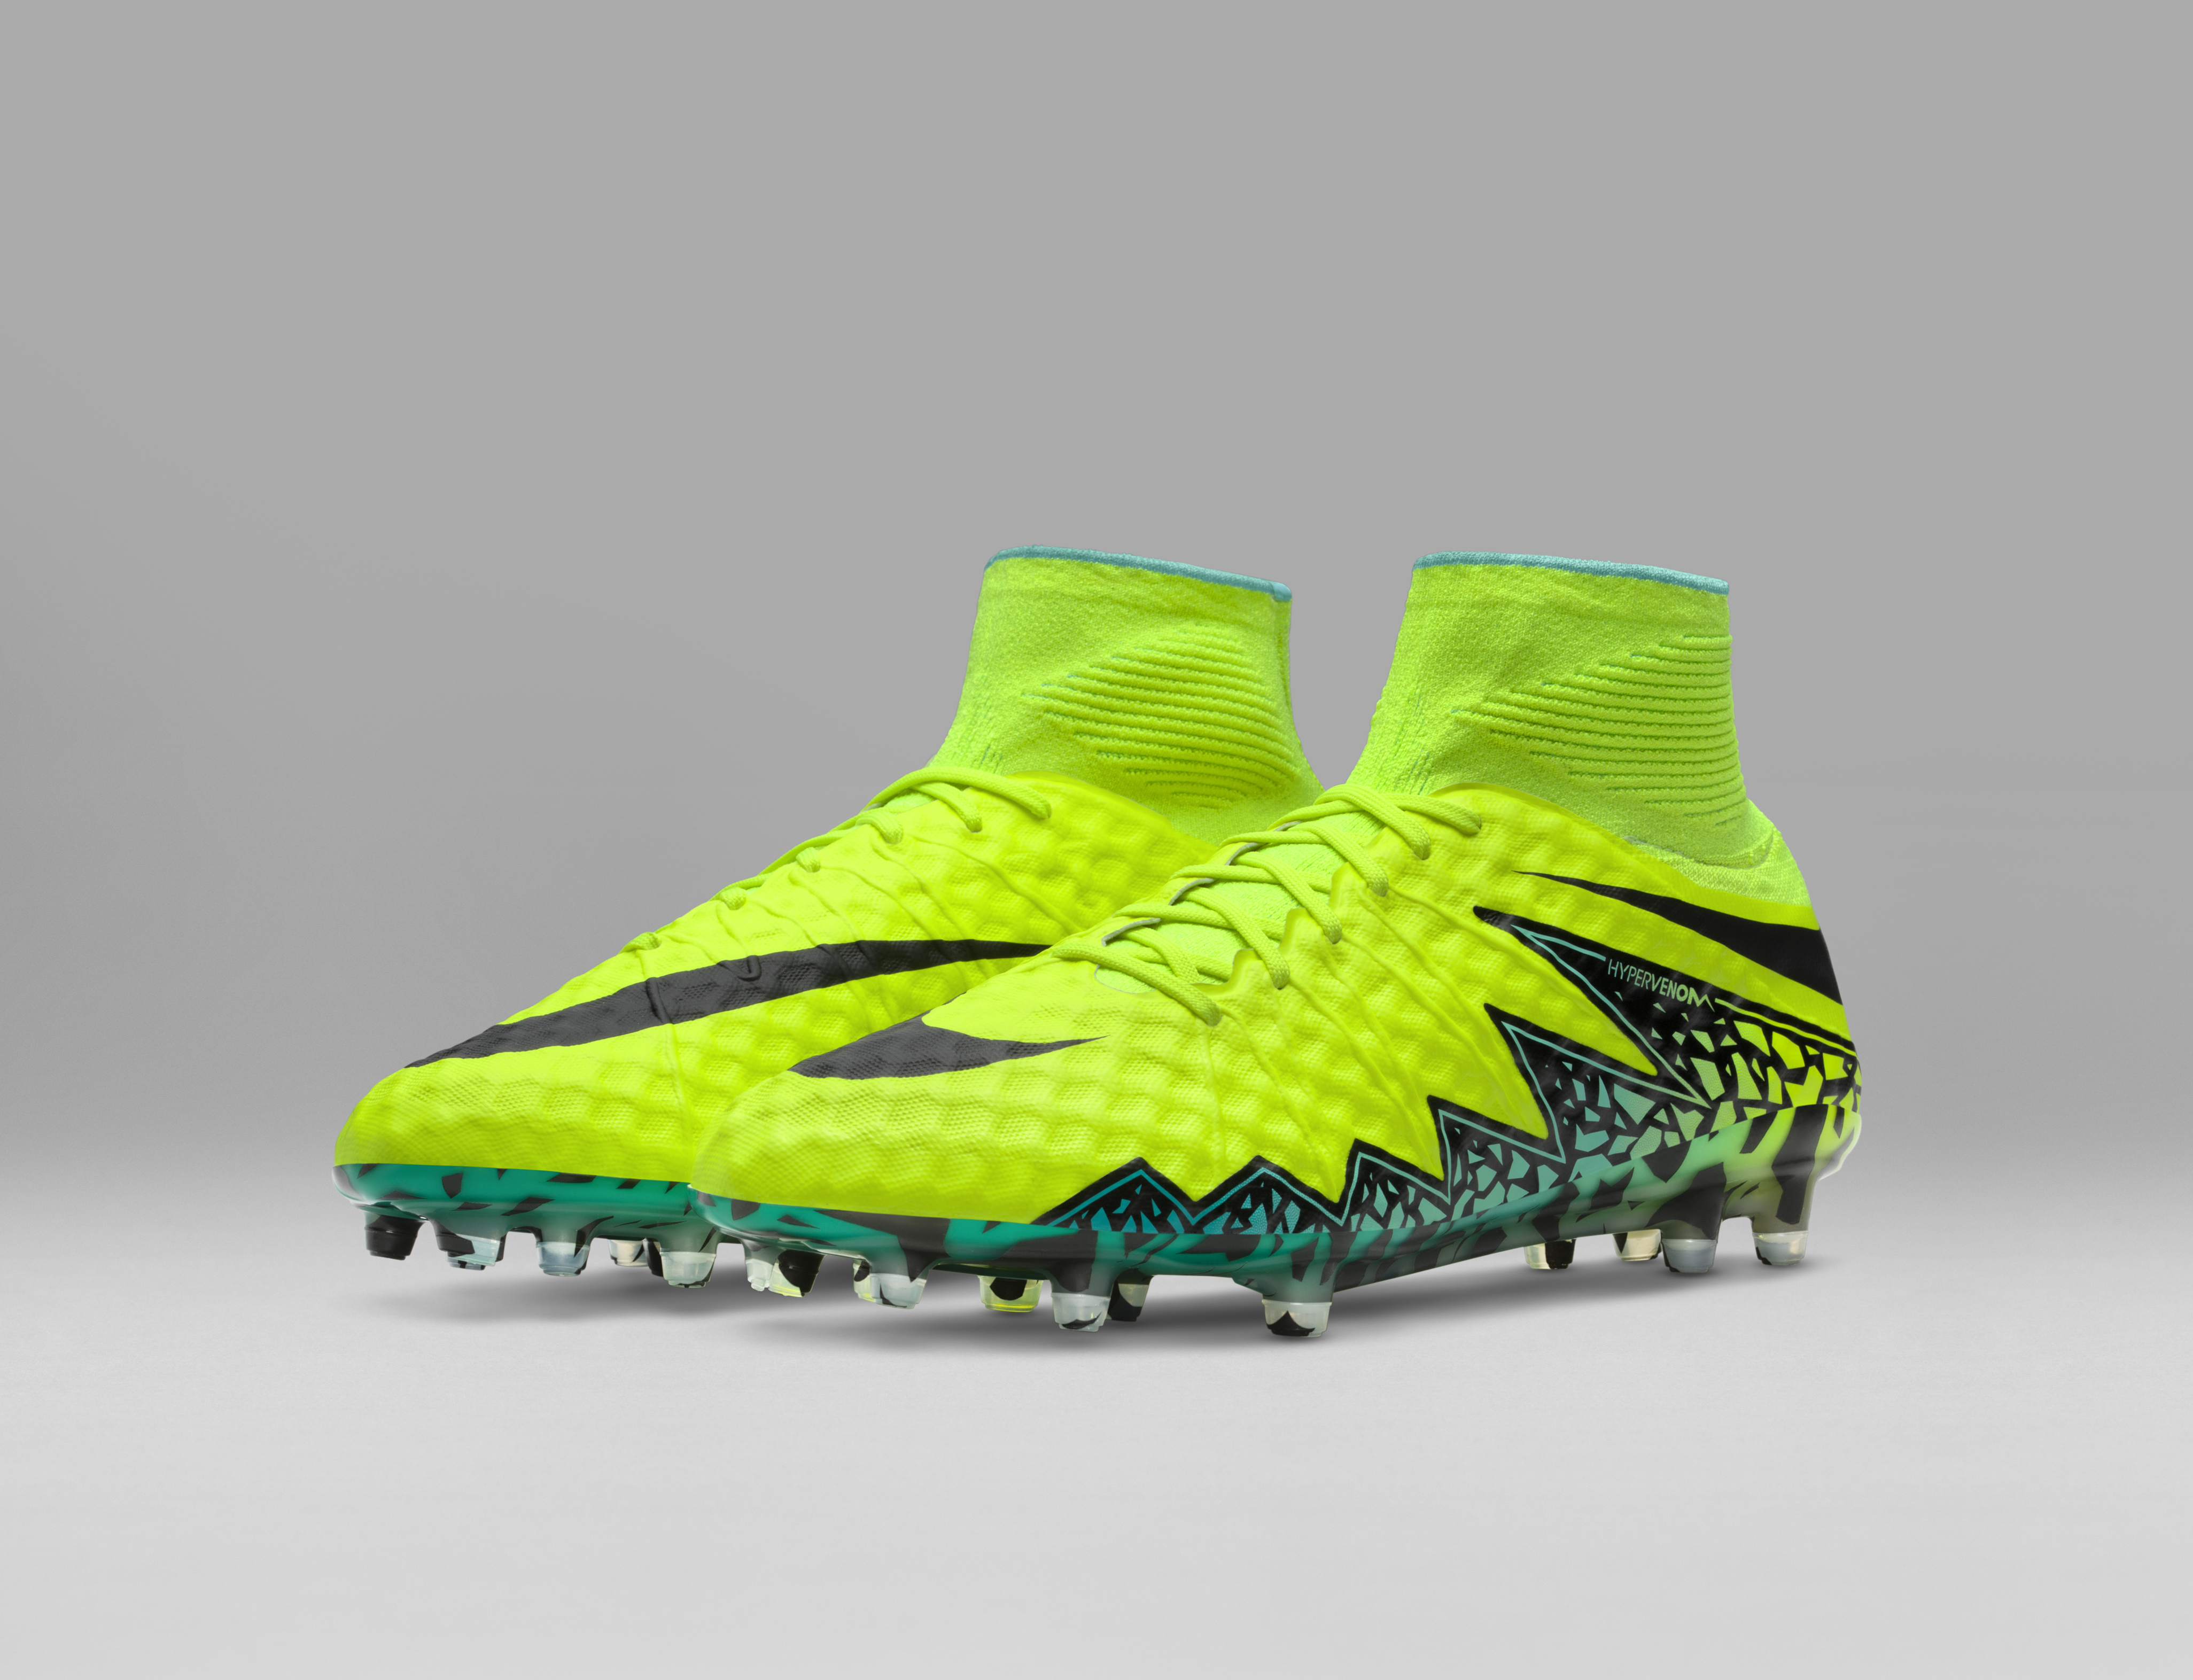 scarpe nike stivaletto calcio